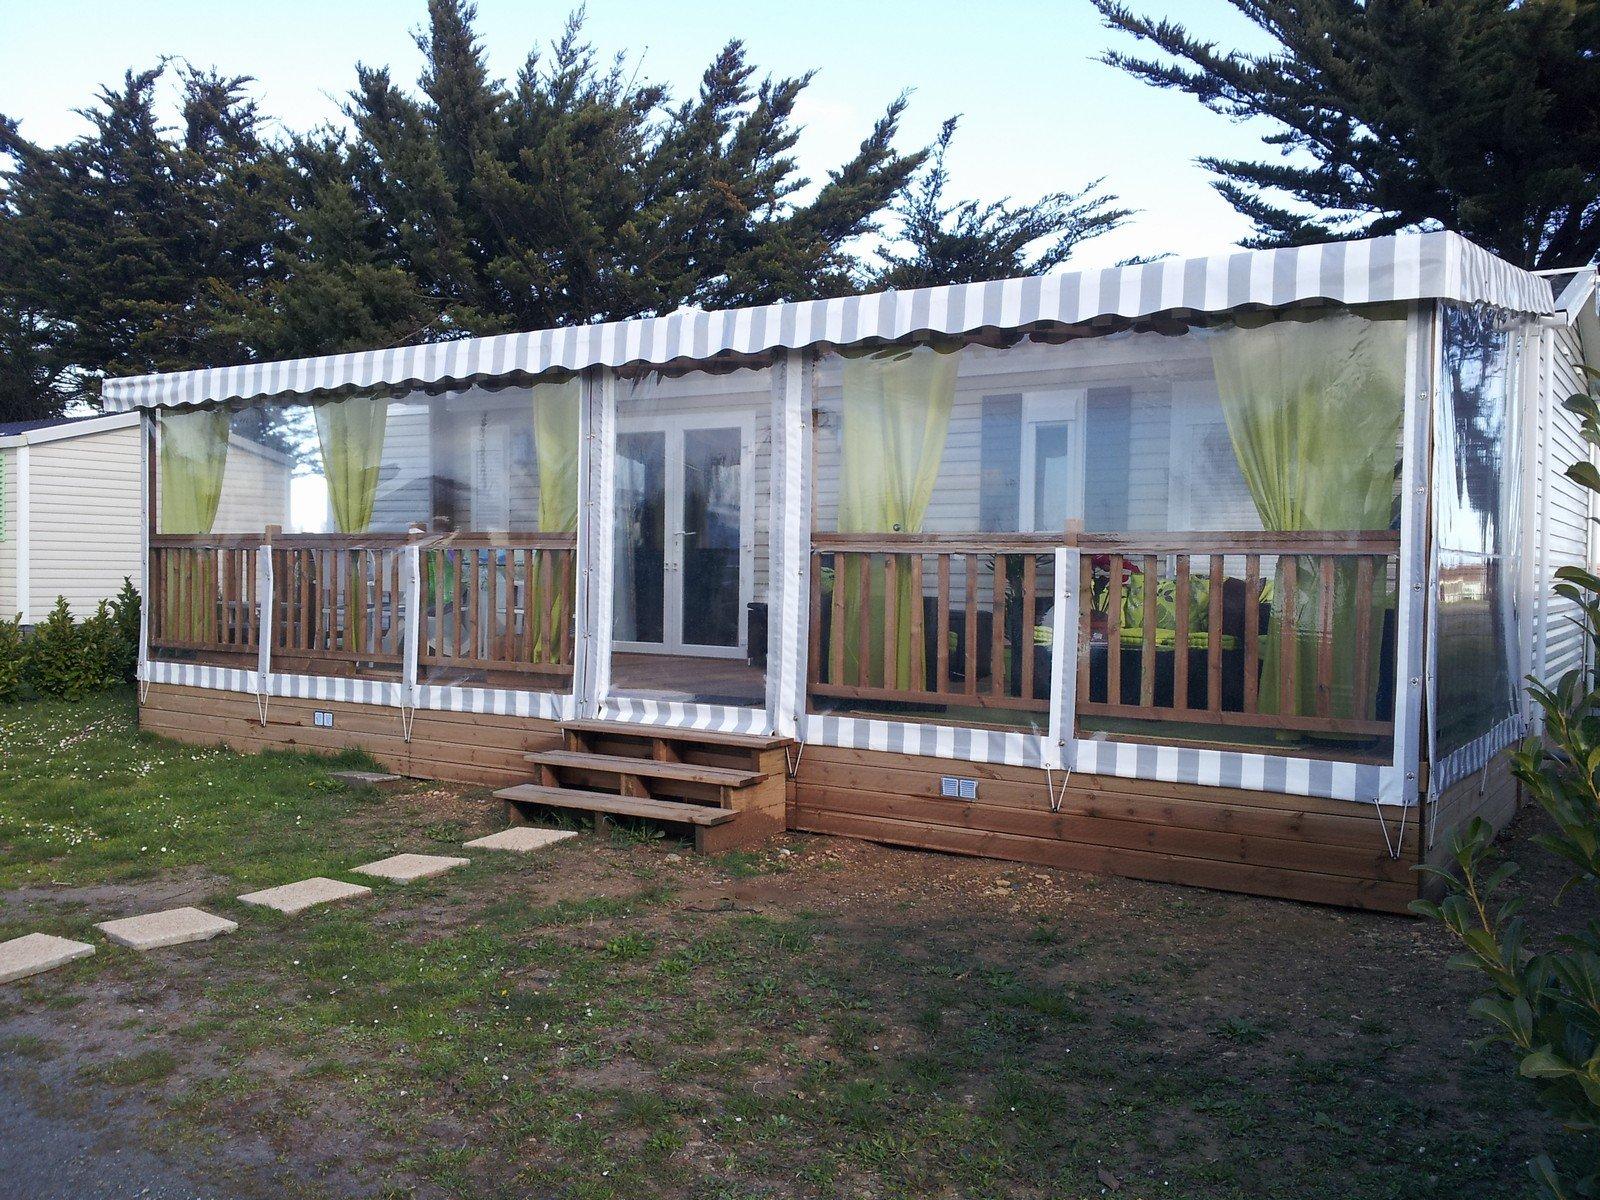 terrasses de normandie terrasses en bois pour mobil home et maisons terrasses en bois. Black Bedroom Furniture Sets. Home Design Ideas